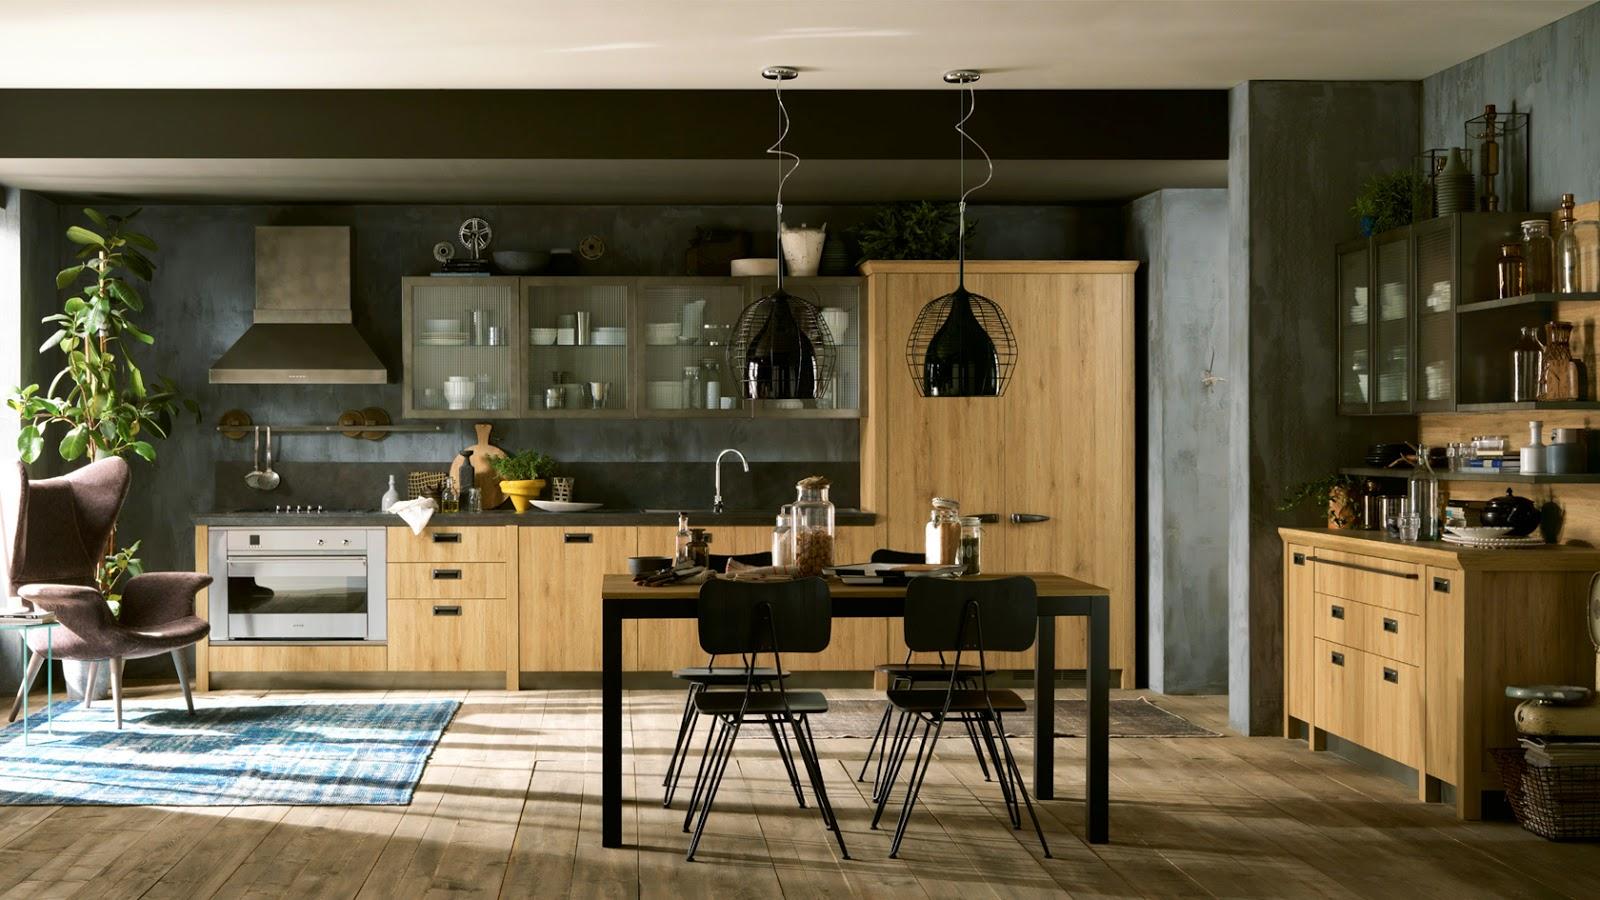 Decora O Industrial 3 Cozinhas Decor Home Organizer